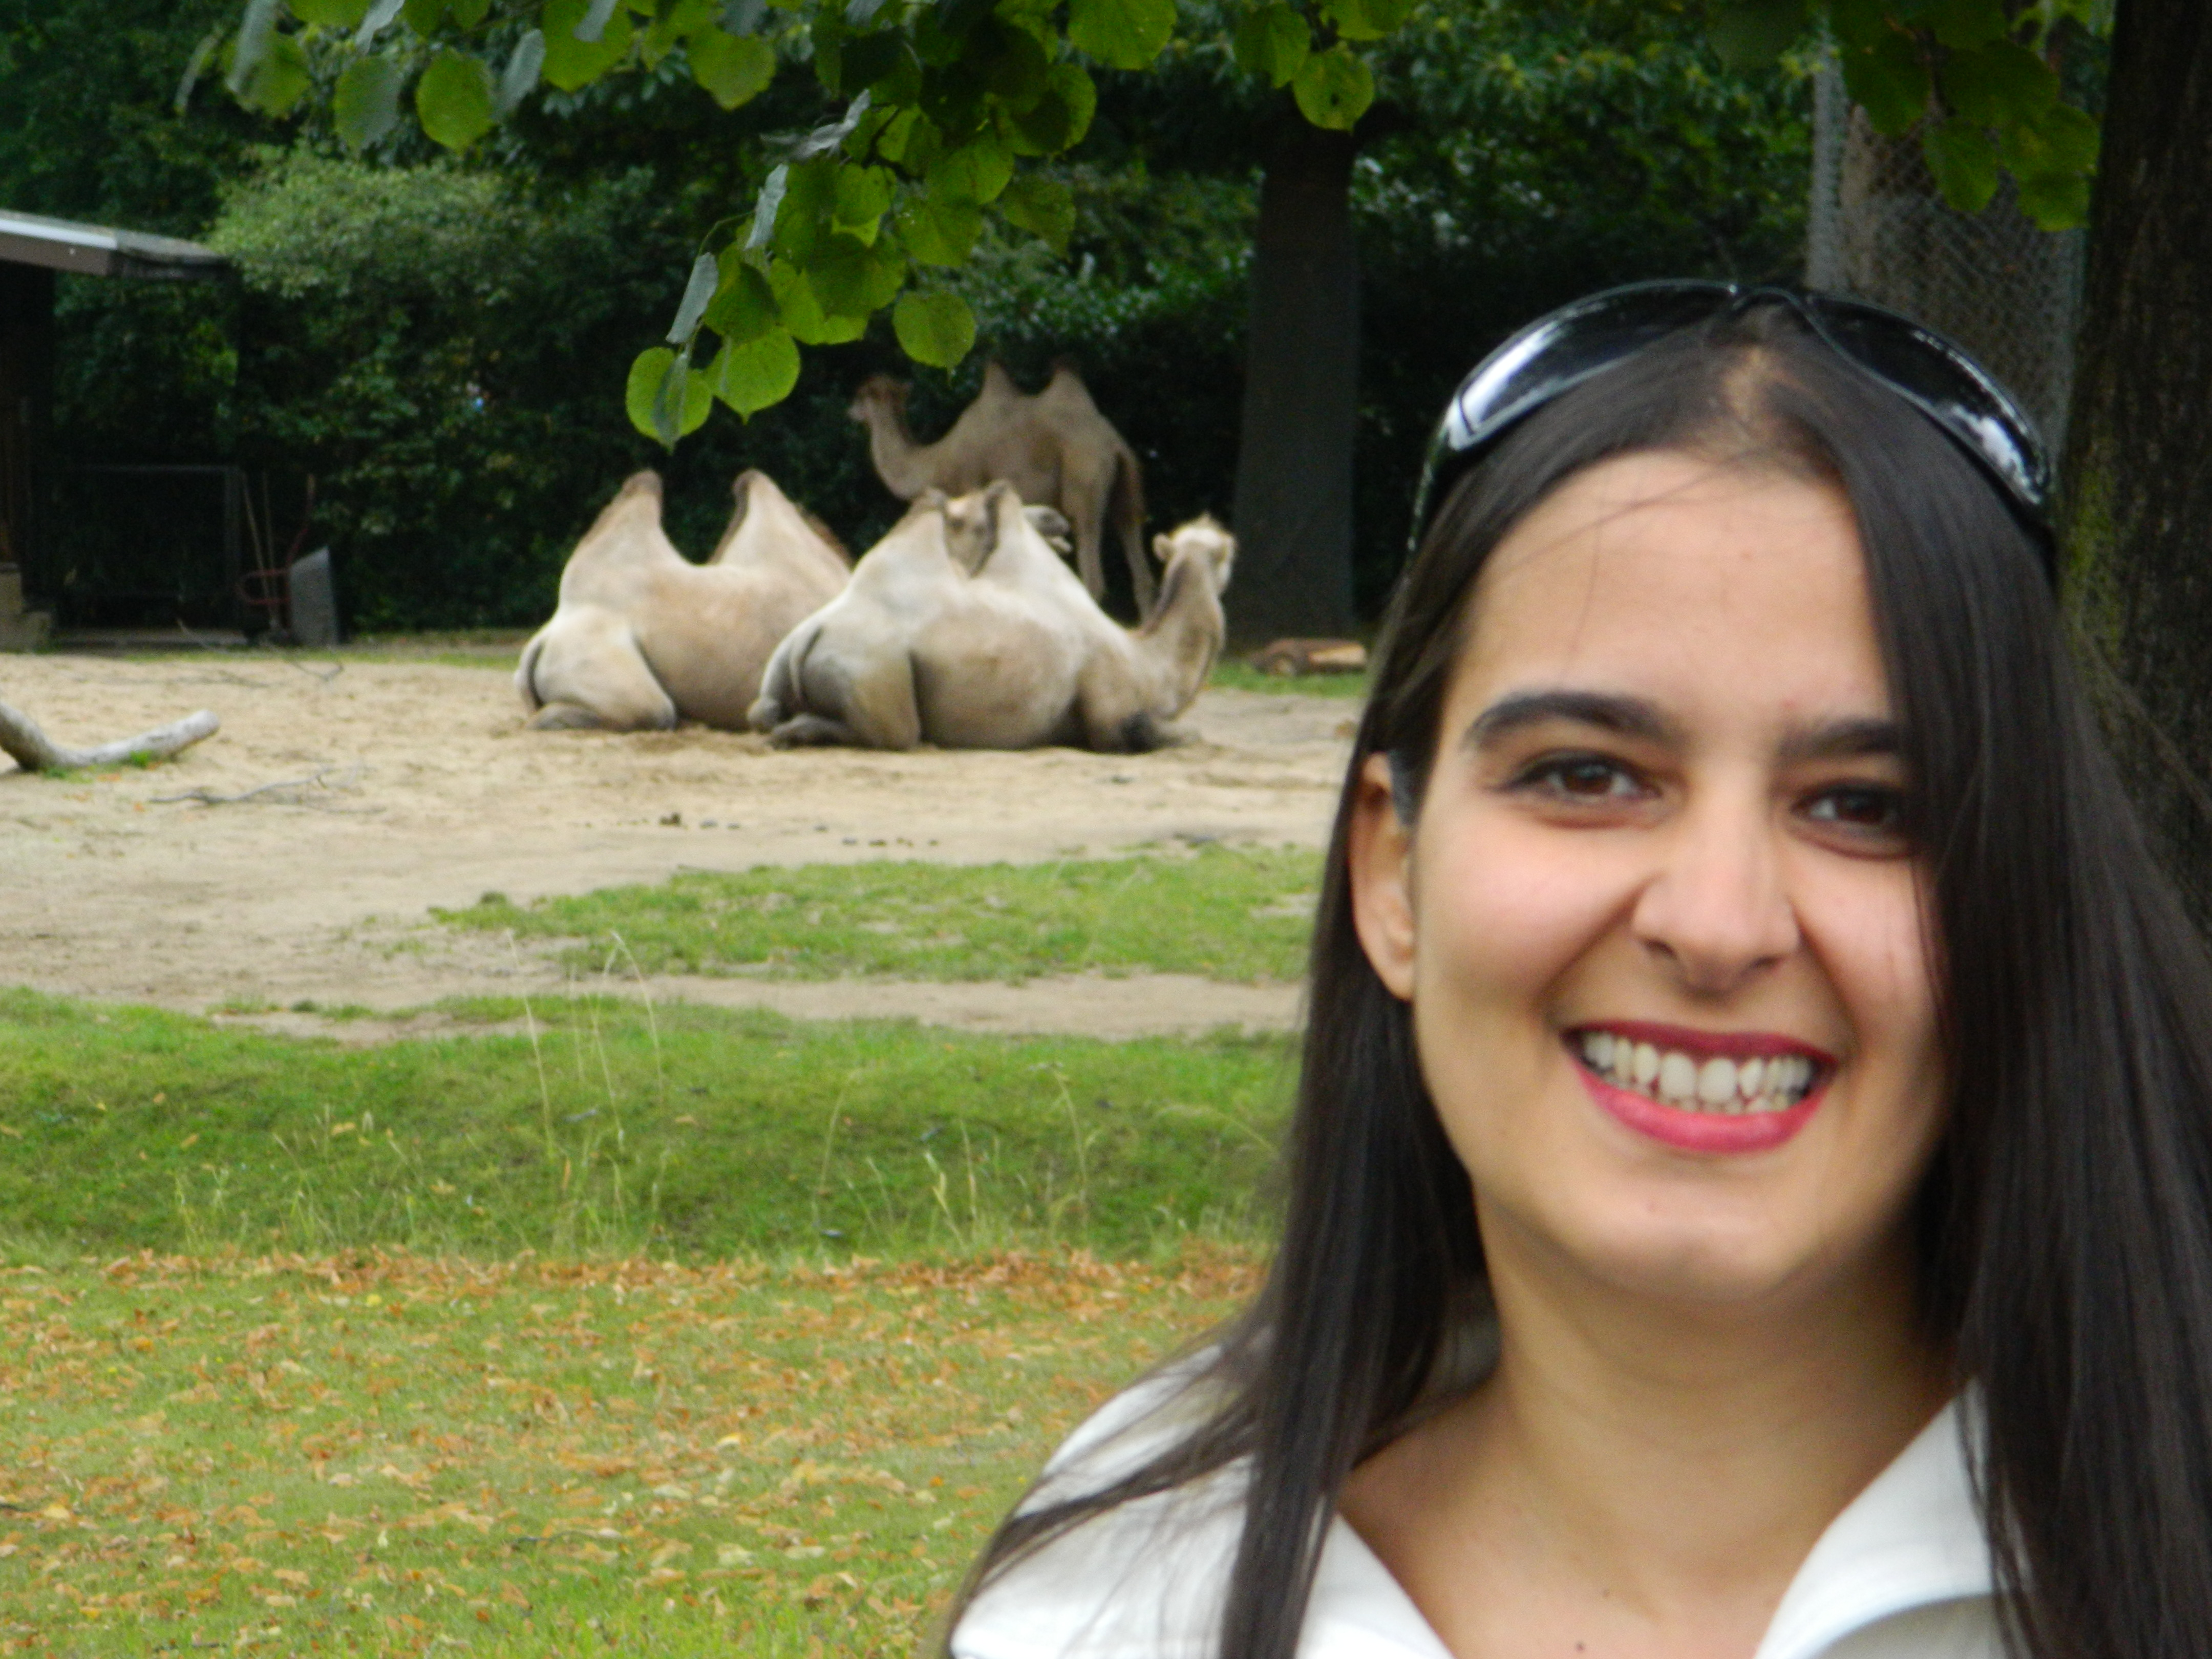 La Zoo in Koln